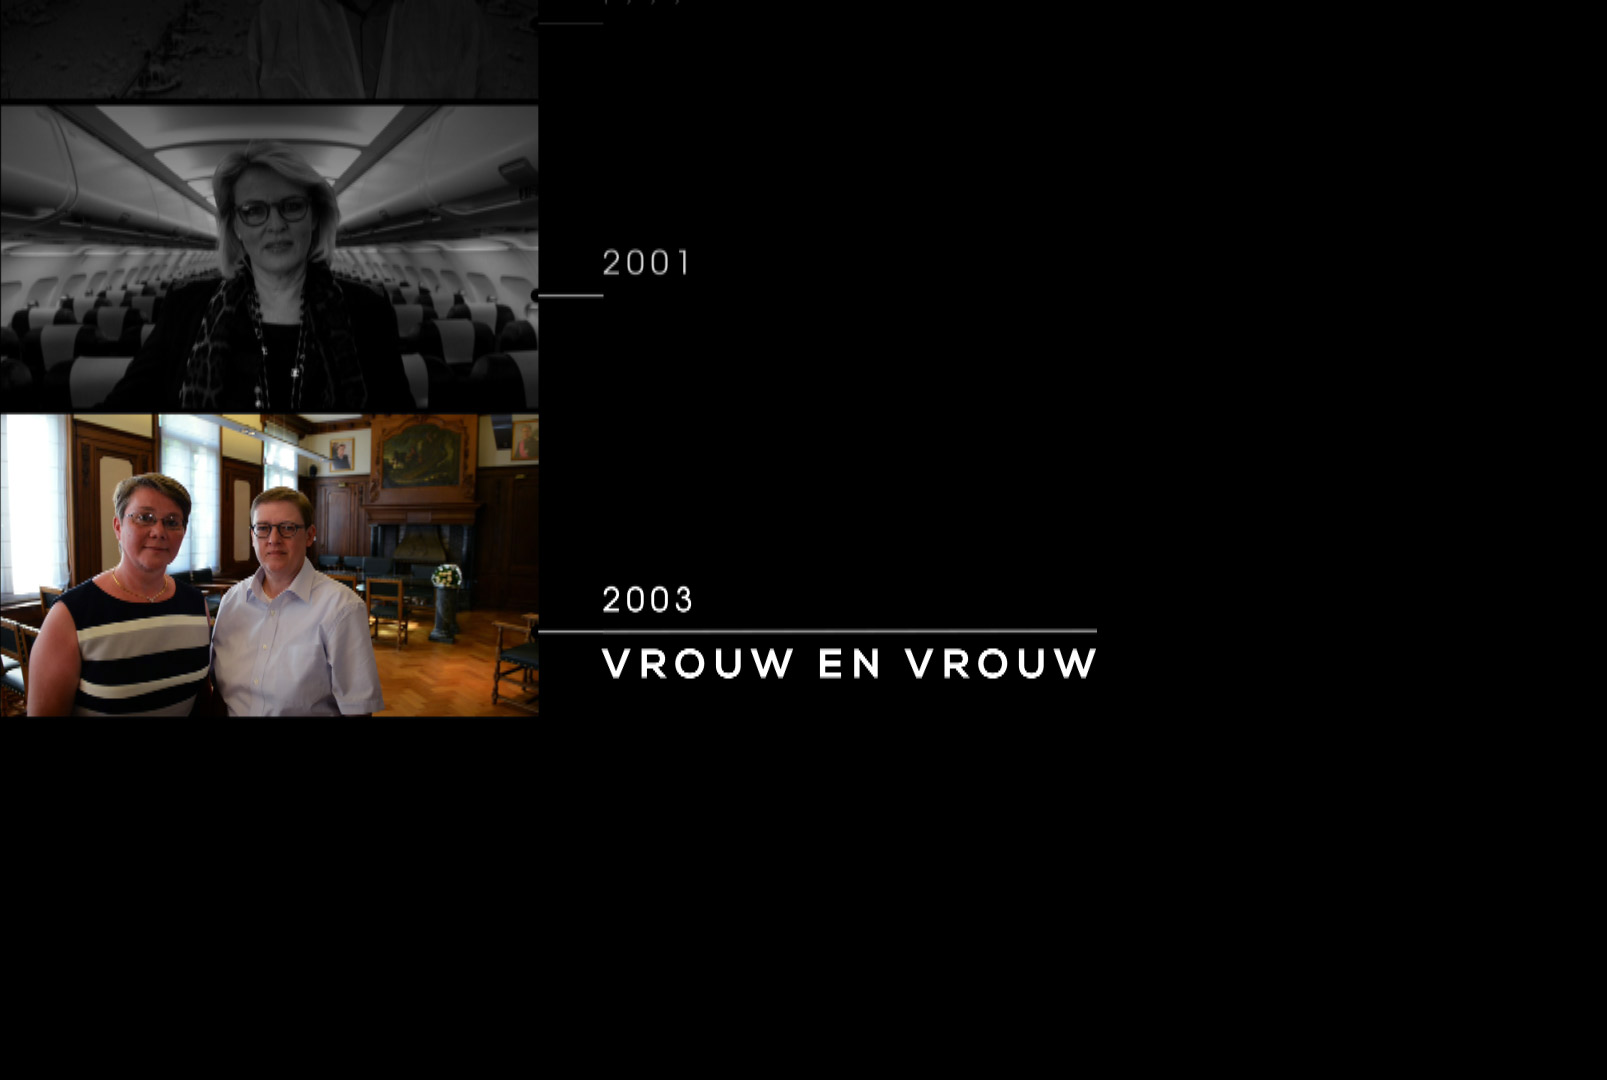 http://www.nooitmeerdezelfde.be/wp-content/uploads/2013/08/8c.jpg